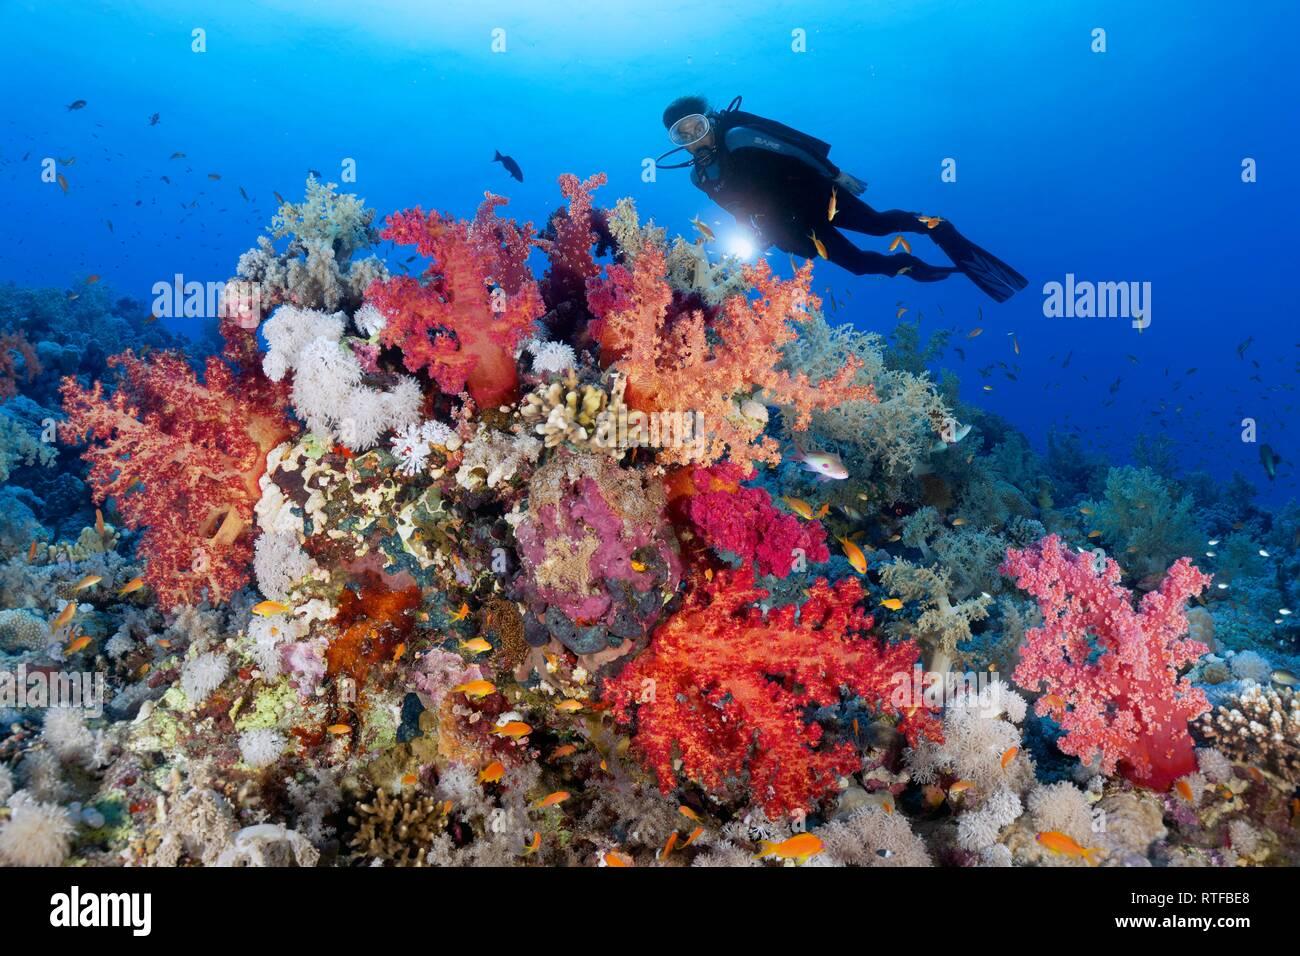 Buzo con lámpara mirando a los arrecifes de coral, densamente cubierto con diferentes corales blandos (Alcyonacea), piedra de corales (Hexacorallia) Imagen De Stock